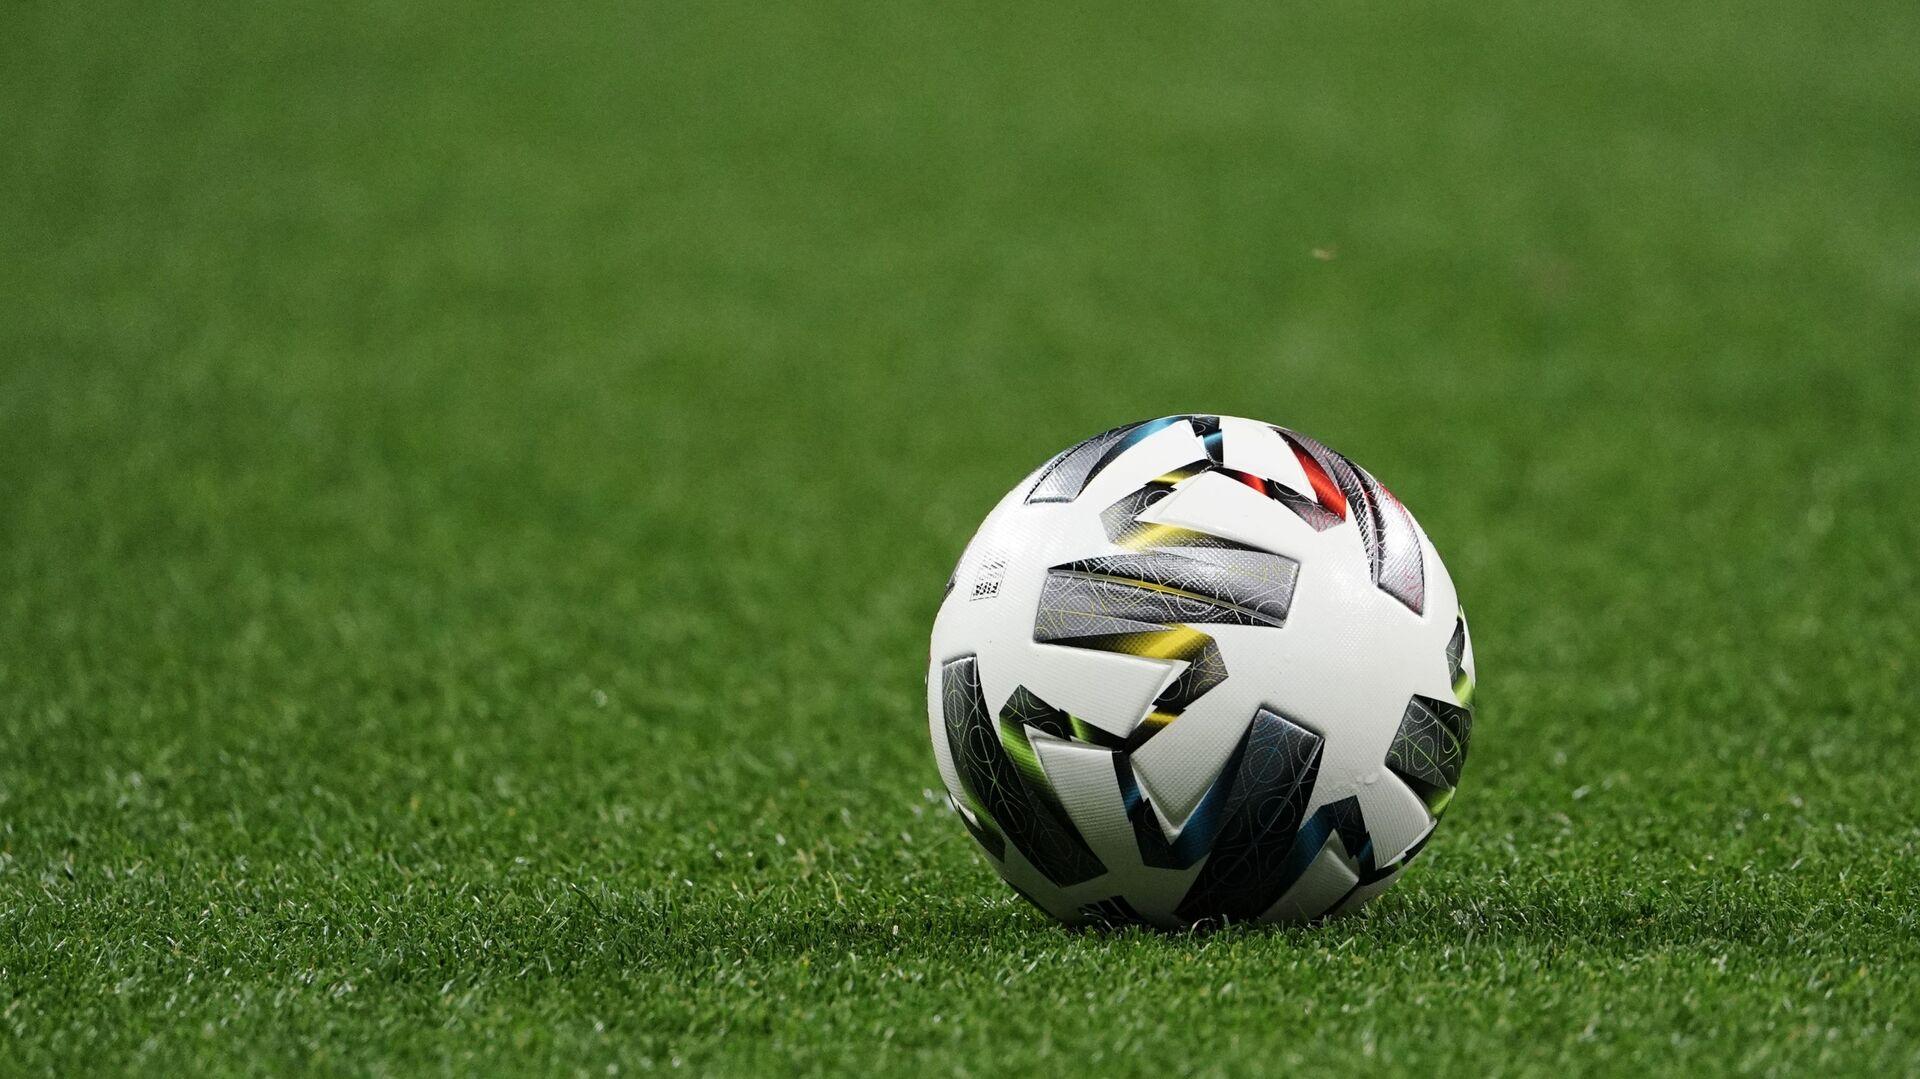 Palla in un campo da calcio - Sputnik Italia, 1920, 29.05.2021